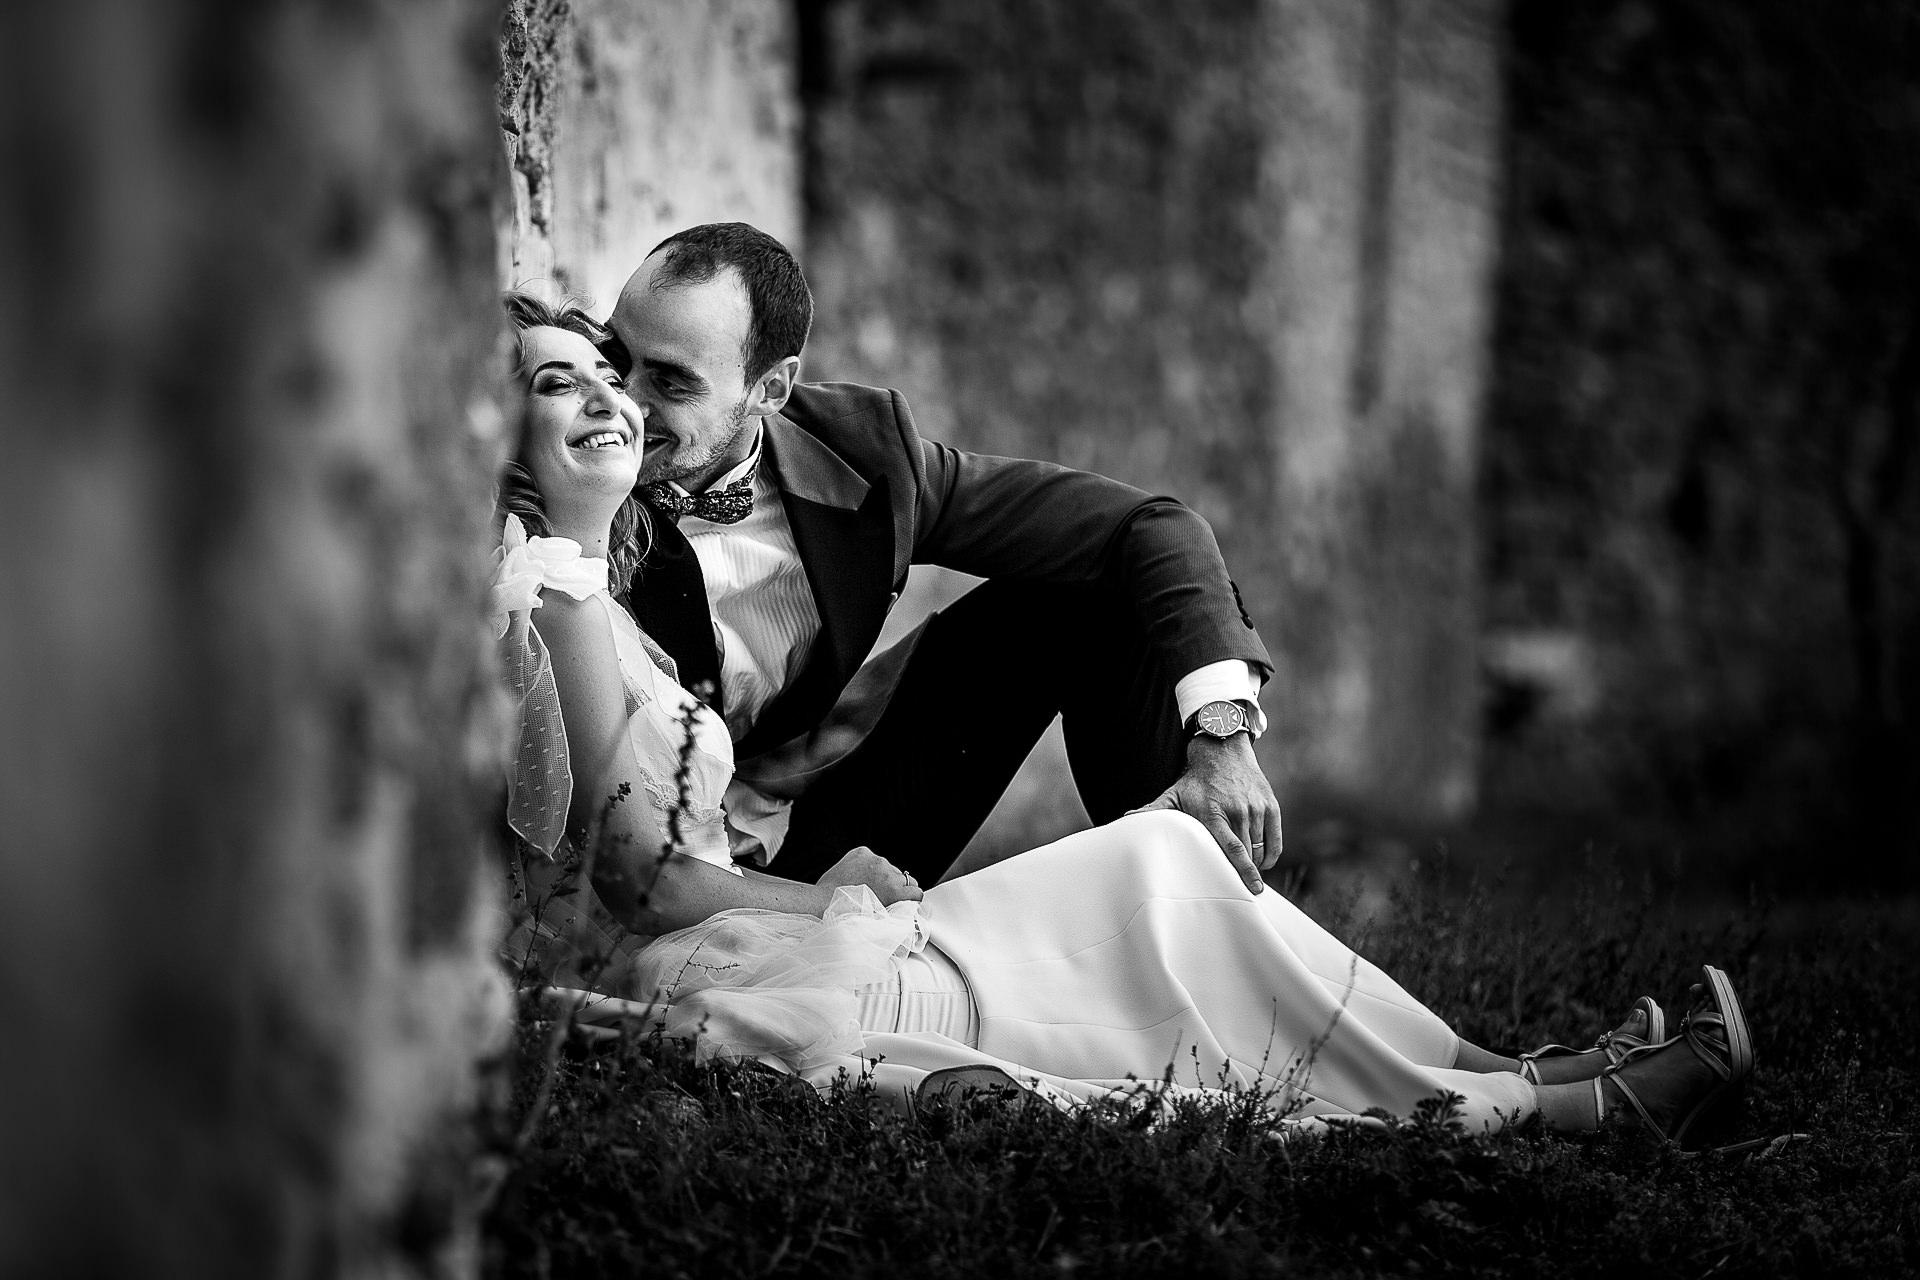 Şedinţă foto Trash The Dress - după nuntă la Cetatea Enisala, Tulcea - România - cu Mihaela şi Octavian - Mihai Zaharia Photography - 18